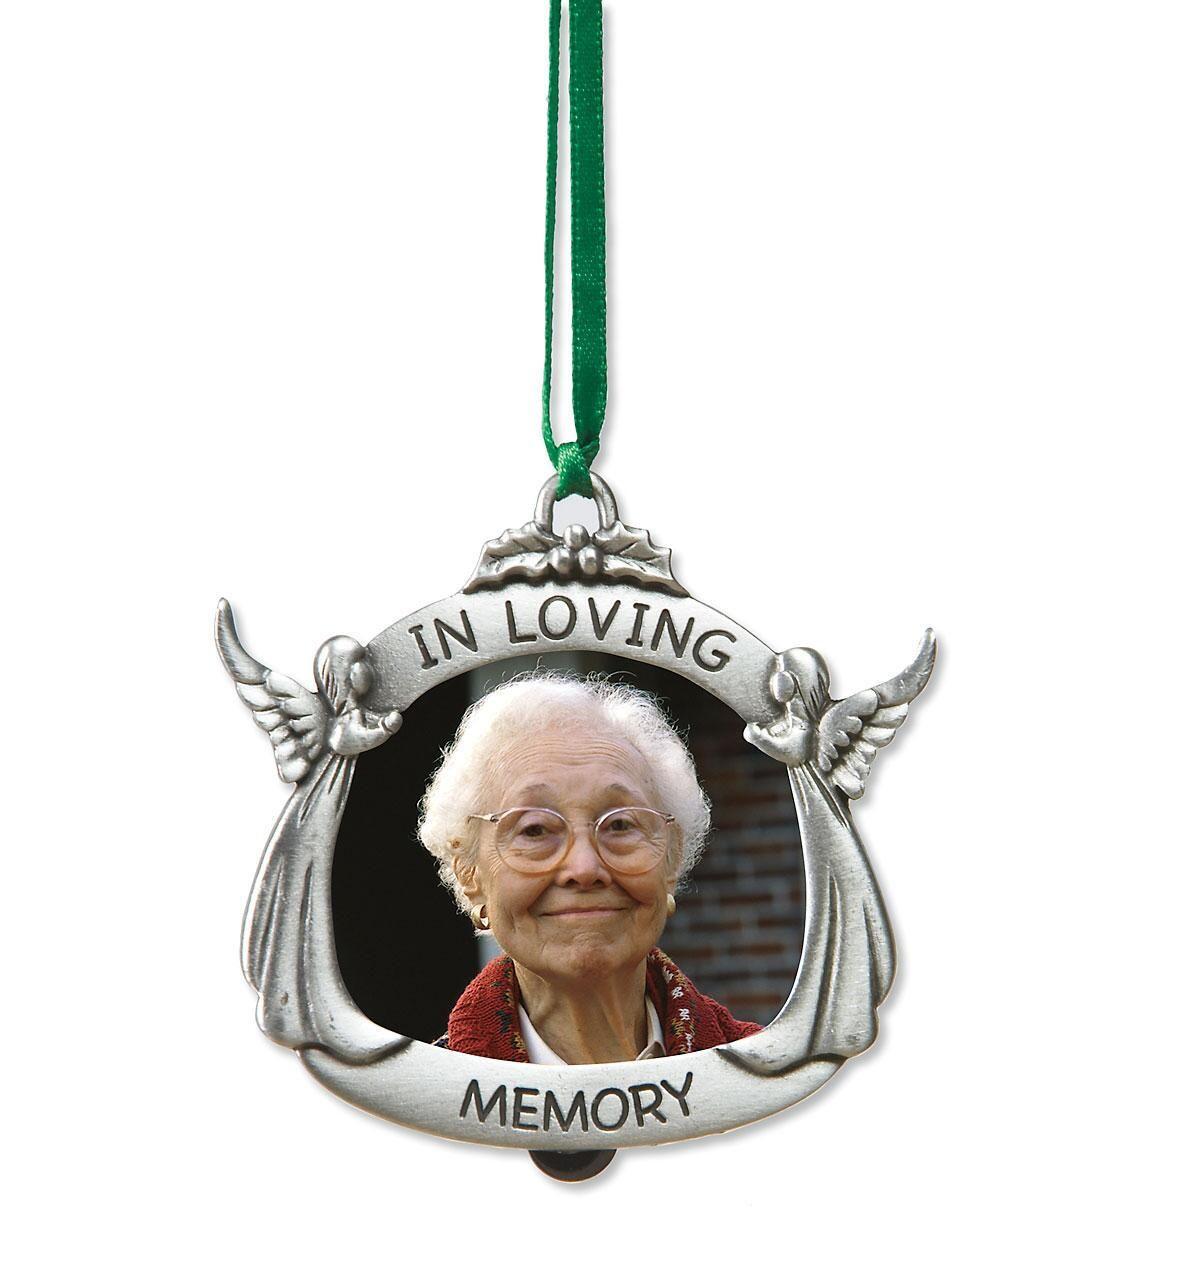 In Loving Memory Photo Frame Ornament